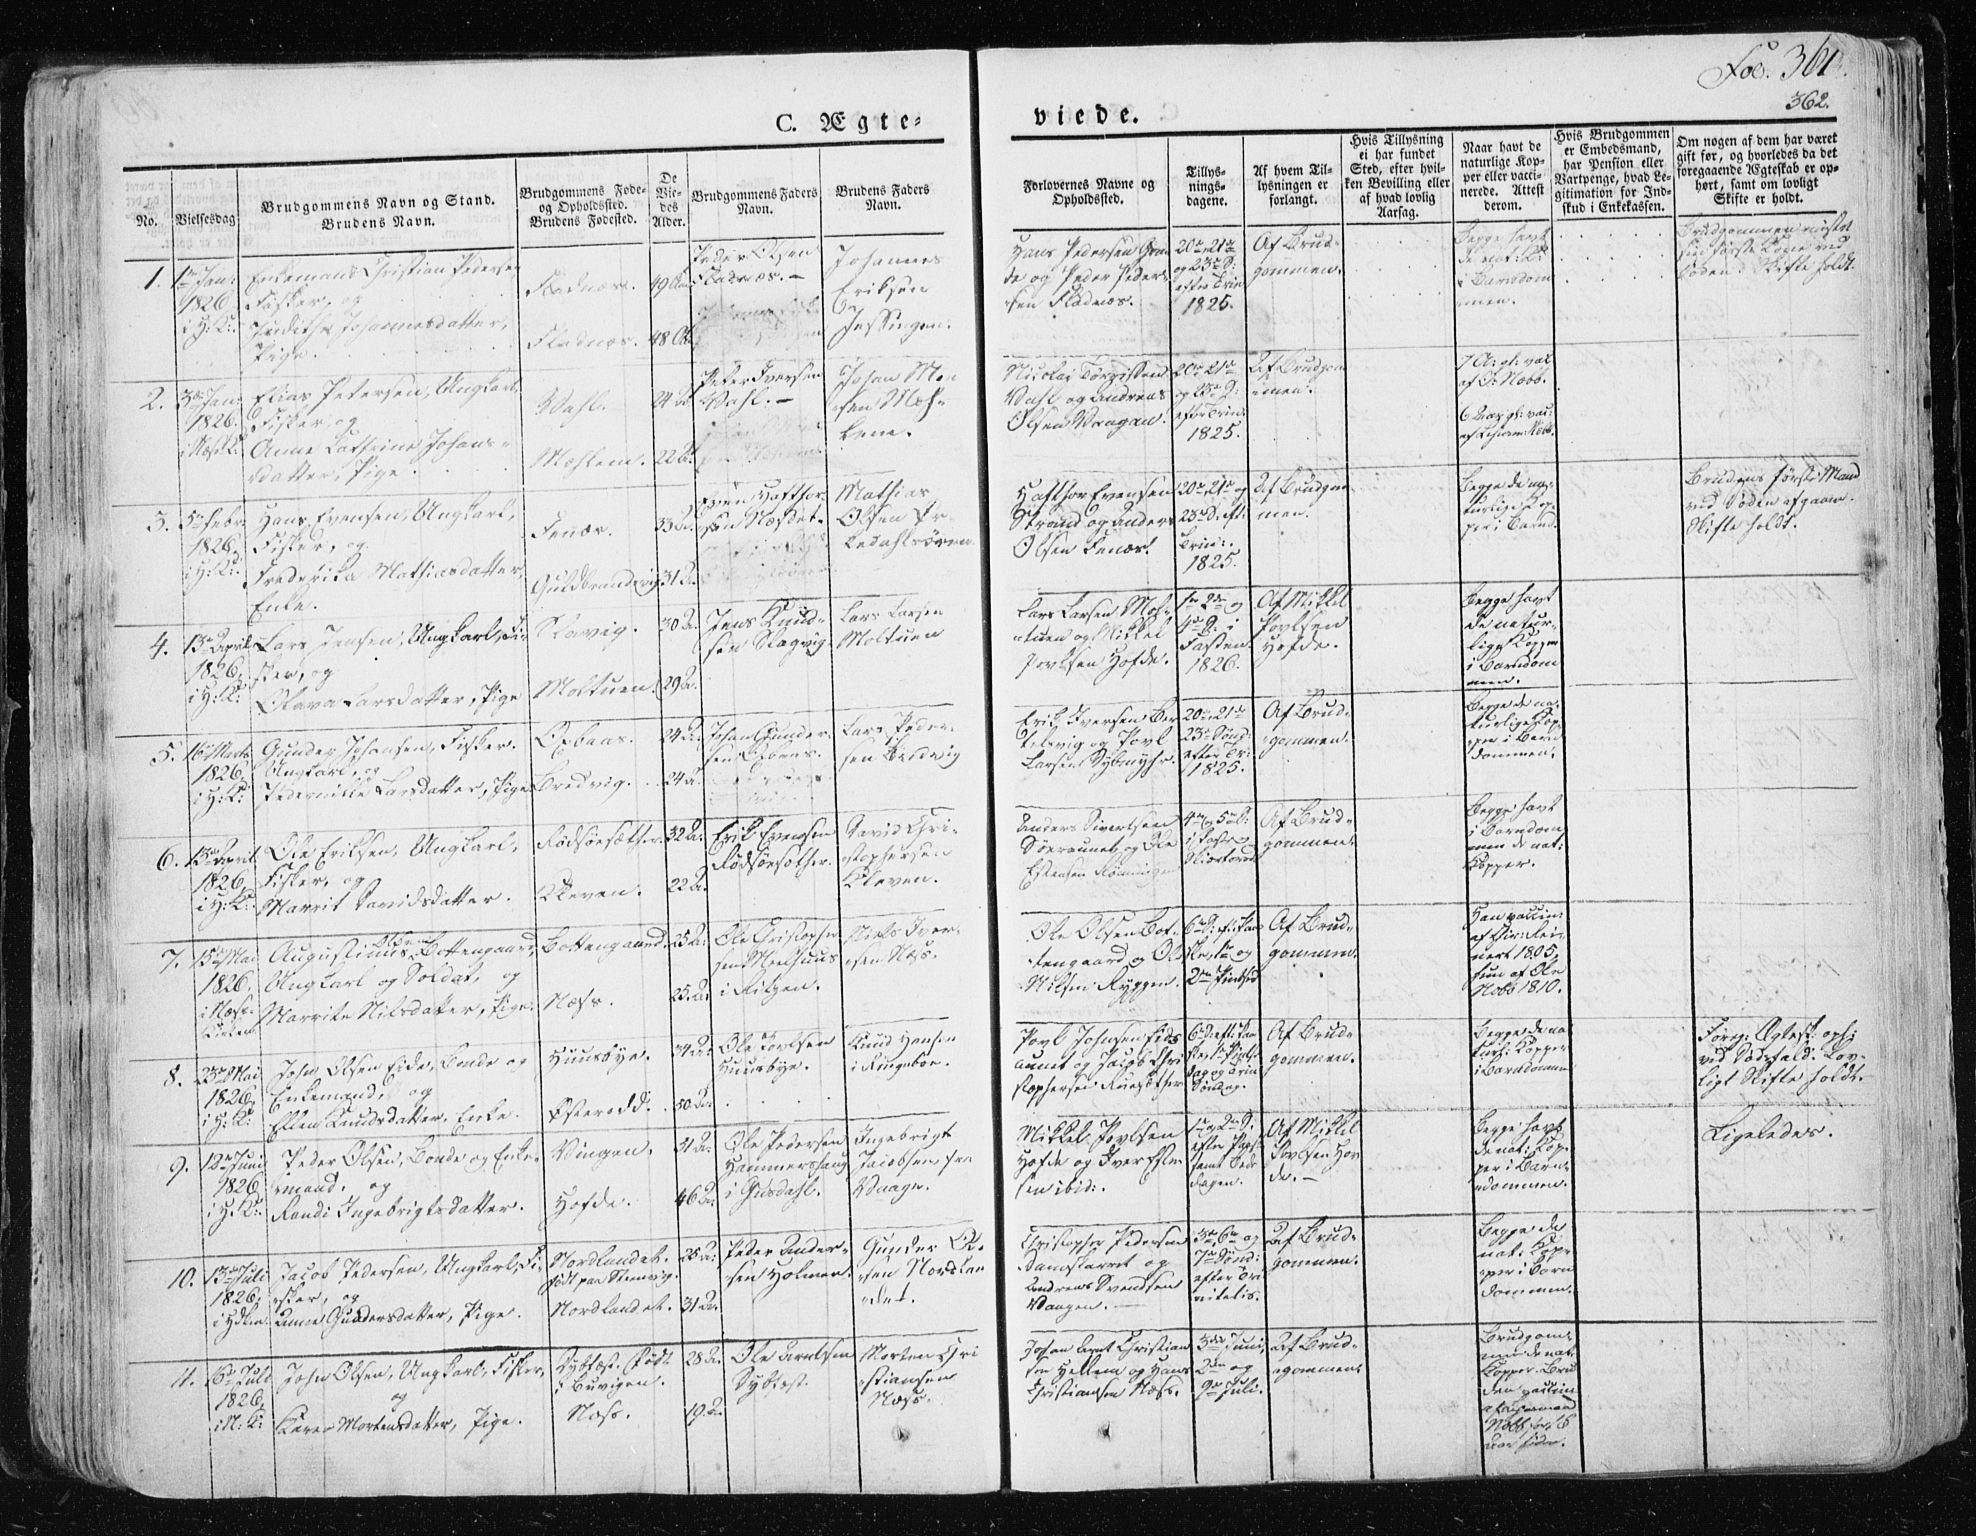 SAT, Ministerialprotokoller, klokkerbøker og fødselsregistre - Sør-Trøndelag, 659/L0735: Ministerialbok nr. 659A05, 1826-1841, s. 361